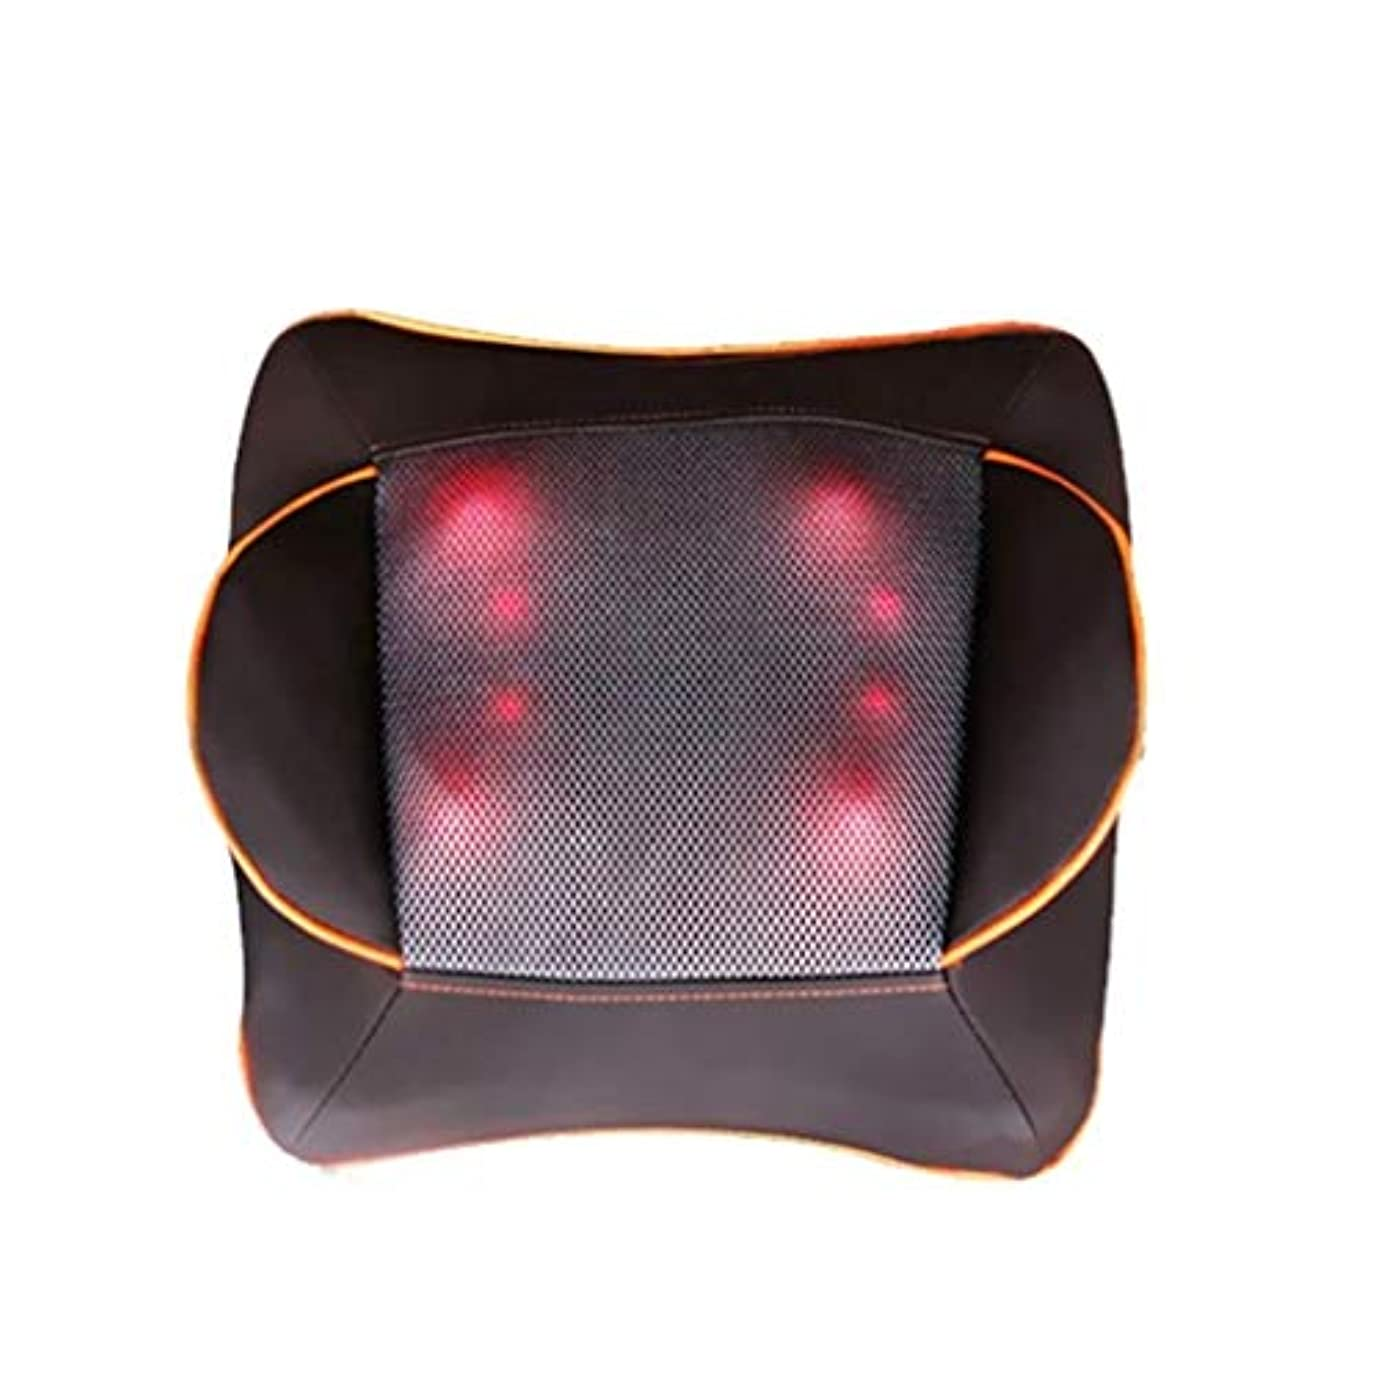 調和のとれた意味性能電動マッサージ枕、指圧マッサージ首マッサージ-マッサージ枕、ホットショルダー、ウエスト、脚、足を混練-ホームオフィスや車で使用して筋肉痛を和らげます